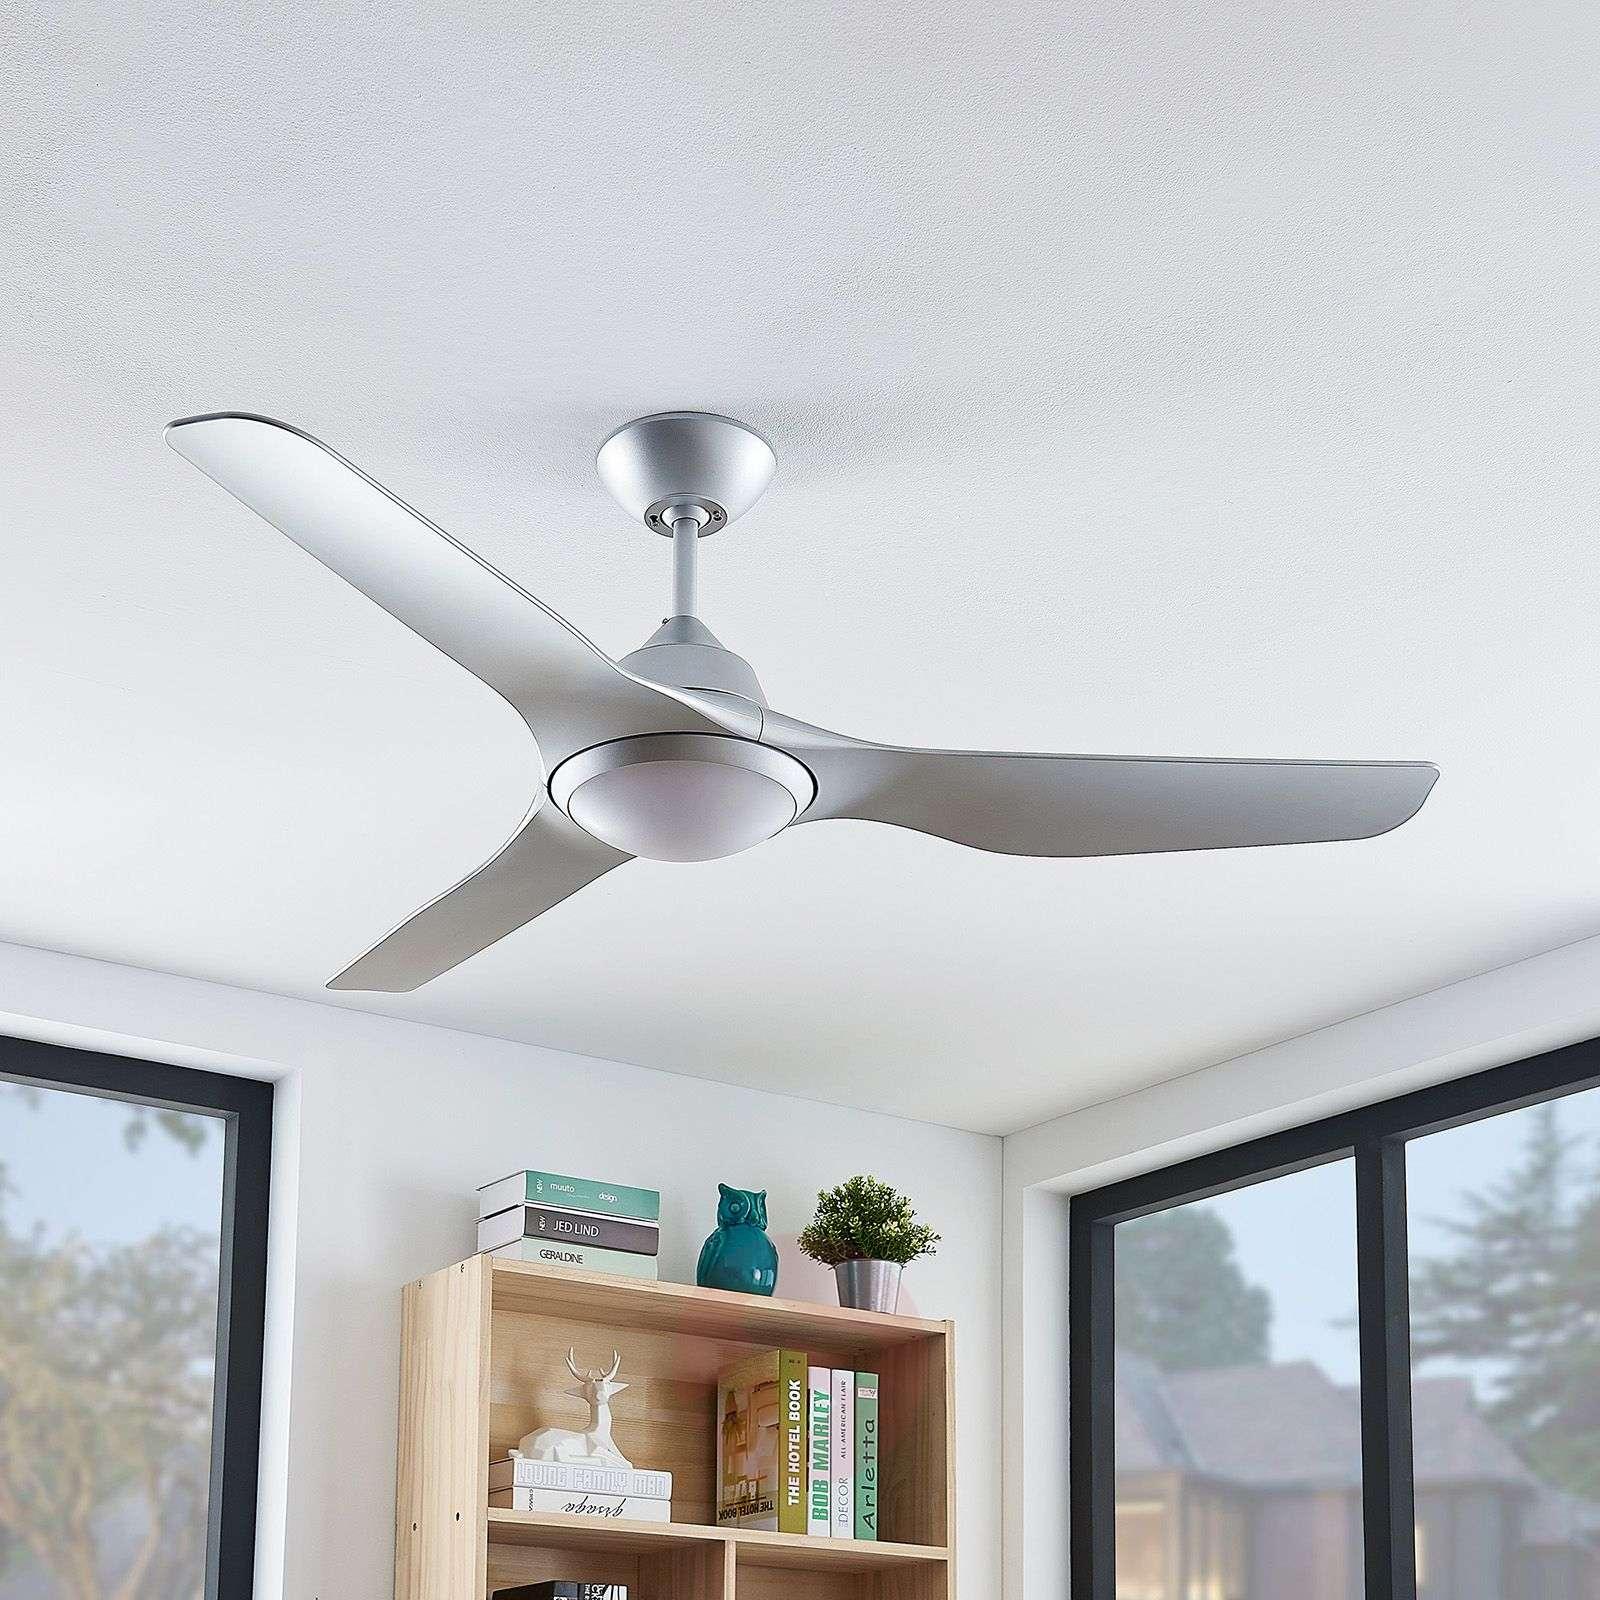 Arcchio Dora LED-kattotuuletin, 5 siipeä, hopea-9624669-02